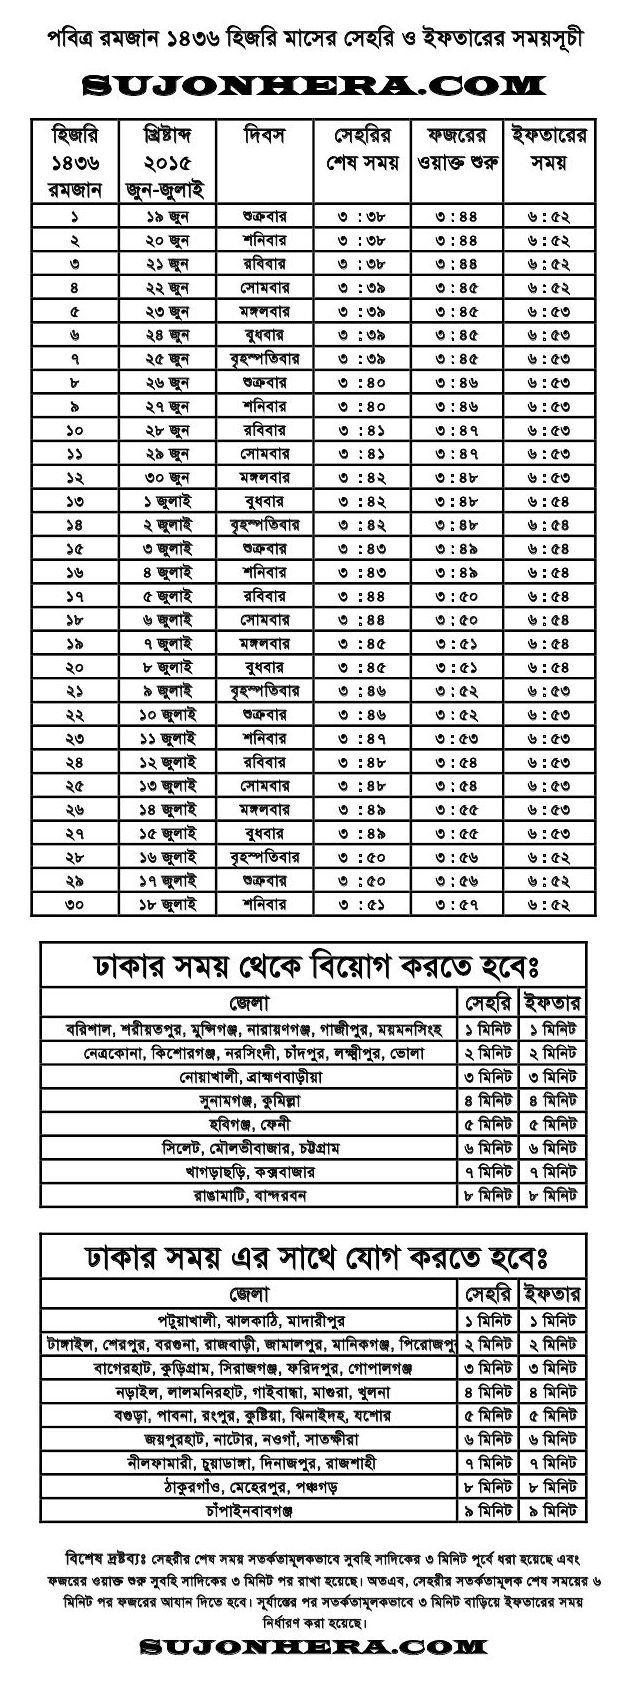 Ramadan Calendar 2015 Bangladesh Sehri Iftar Timings 1436